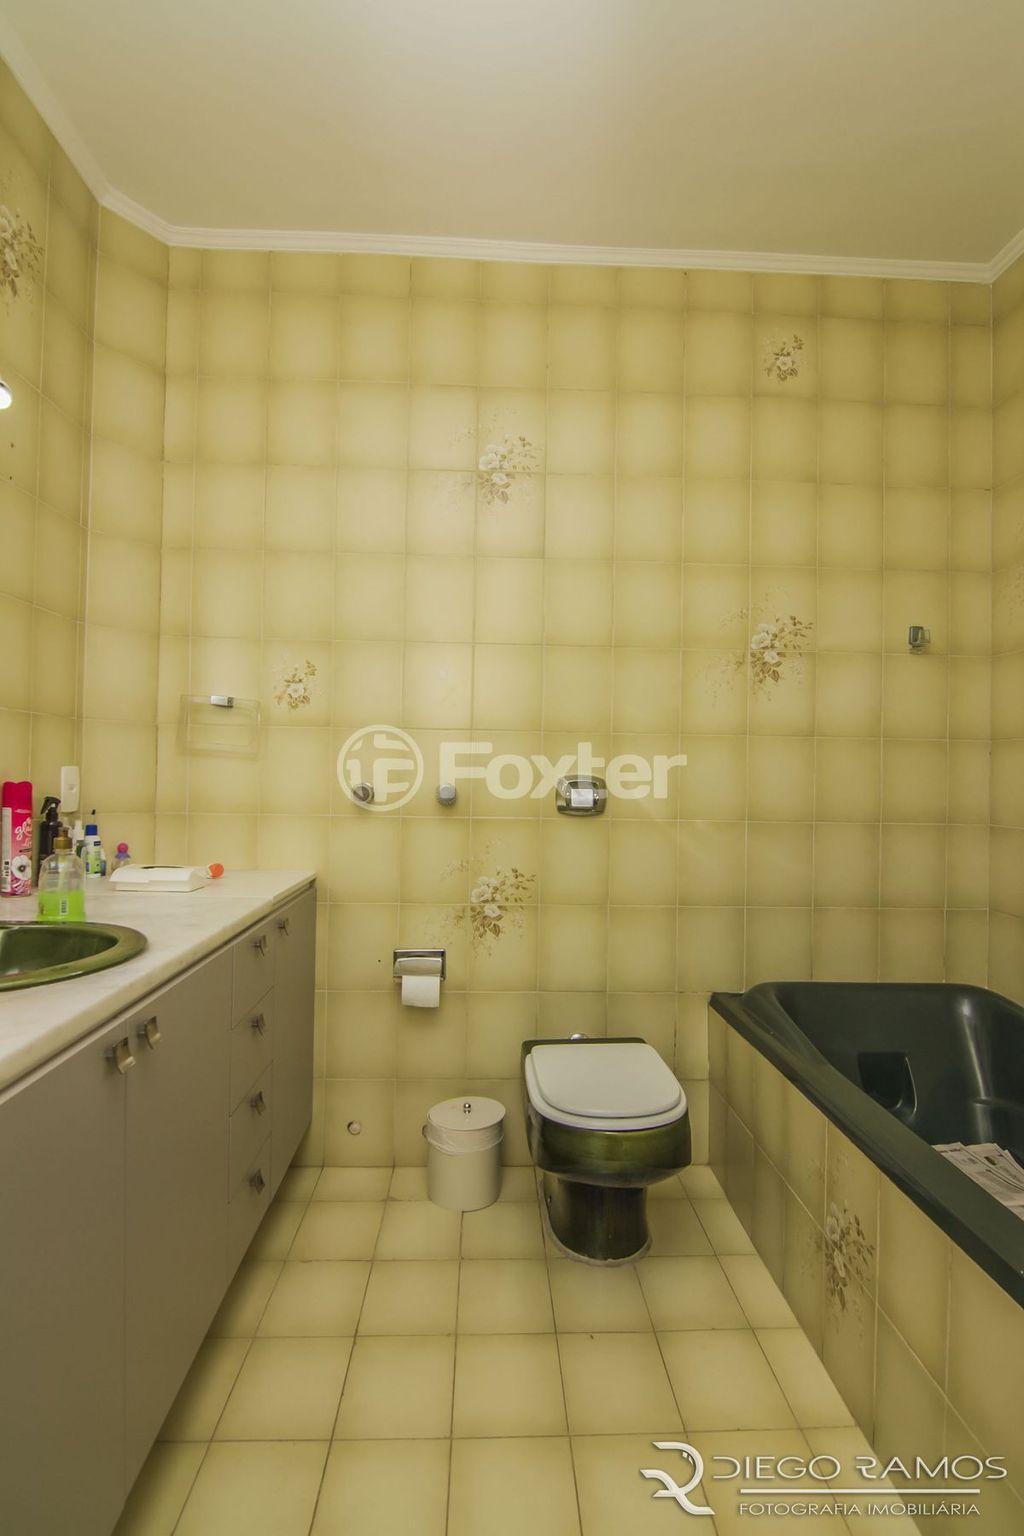 Foxter Imobiliária - Casa 3 Dorm, Azenha (120022) - Foto 18